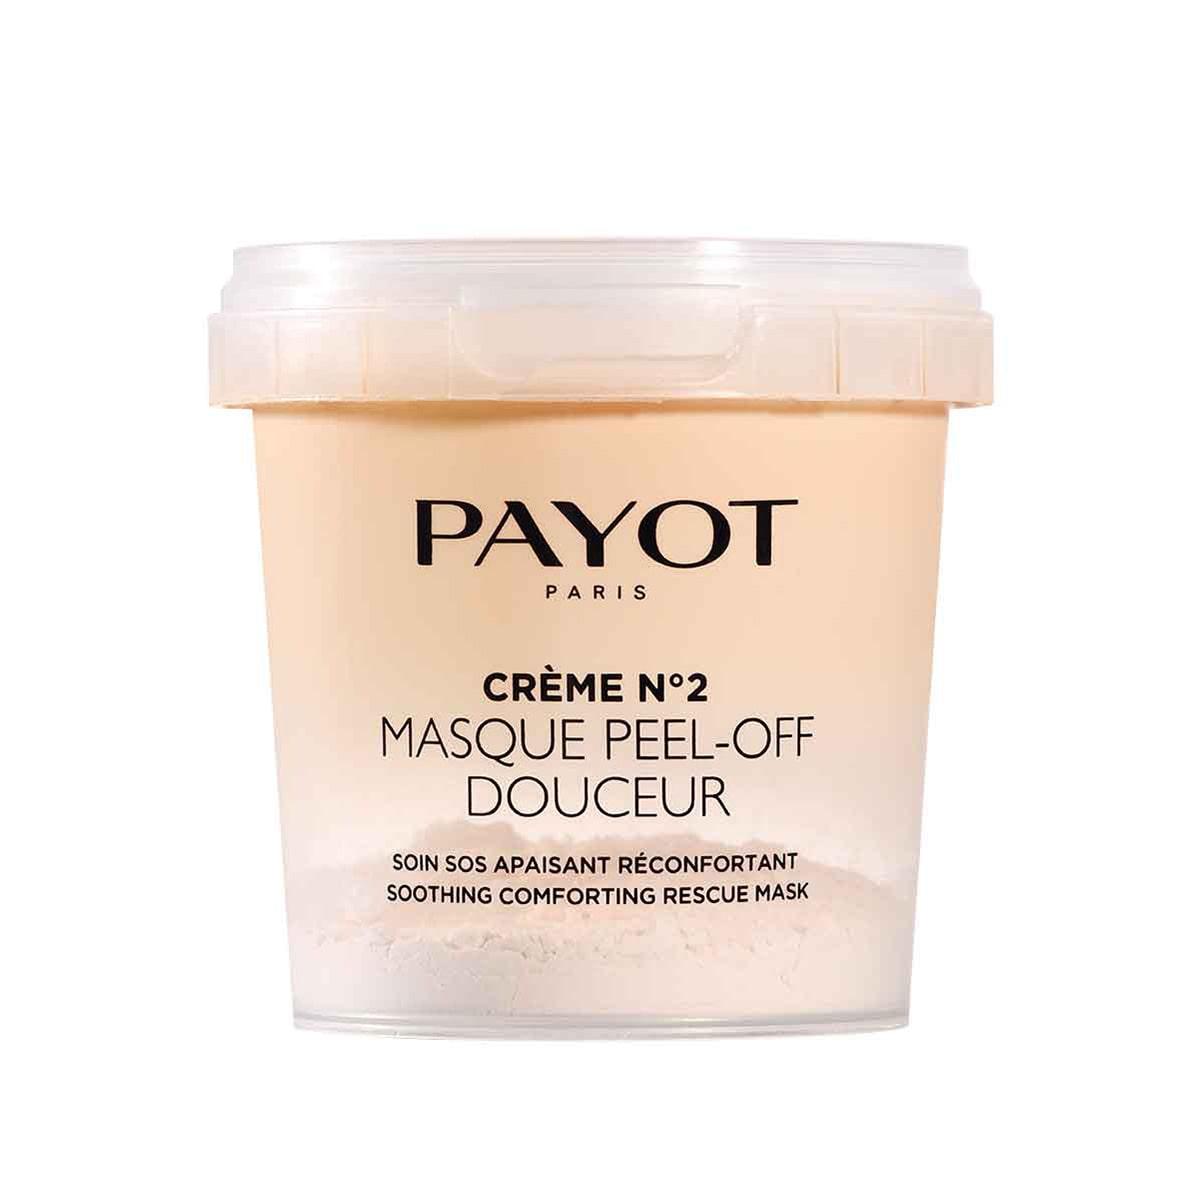 Payot - Crème N°2 Masque Peel Off Douceur - Le soin SOS apaisant réconfortant